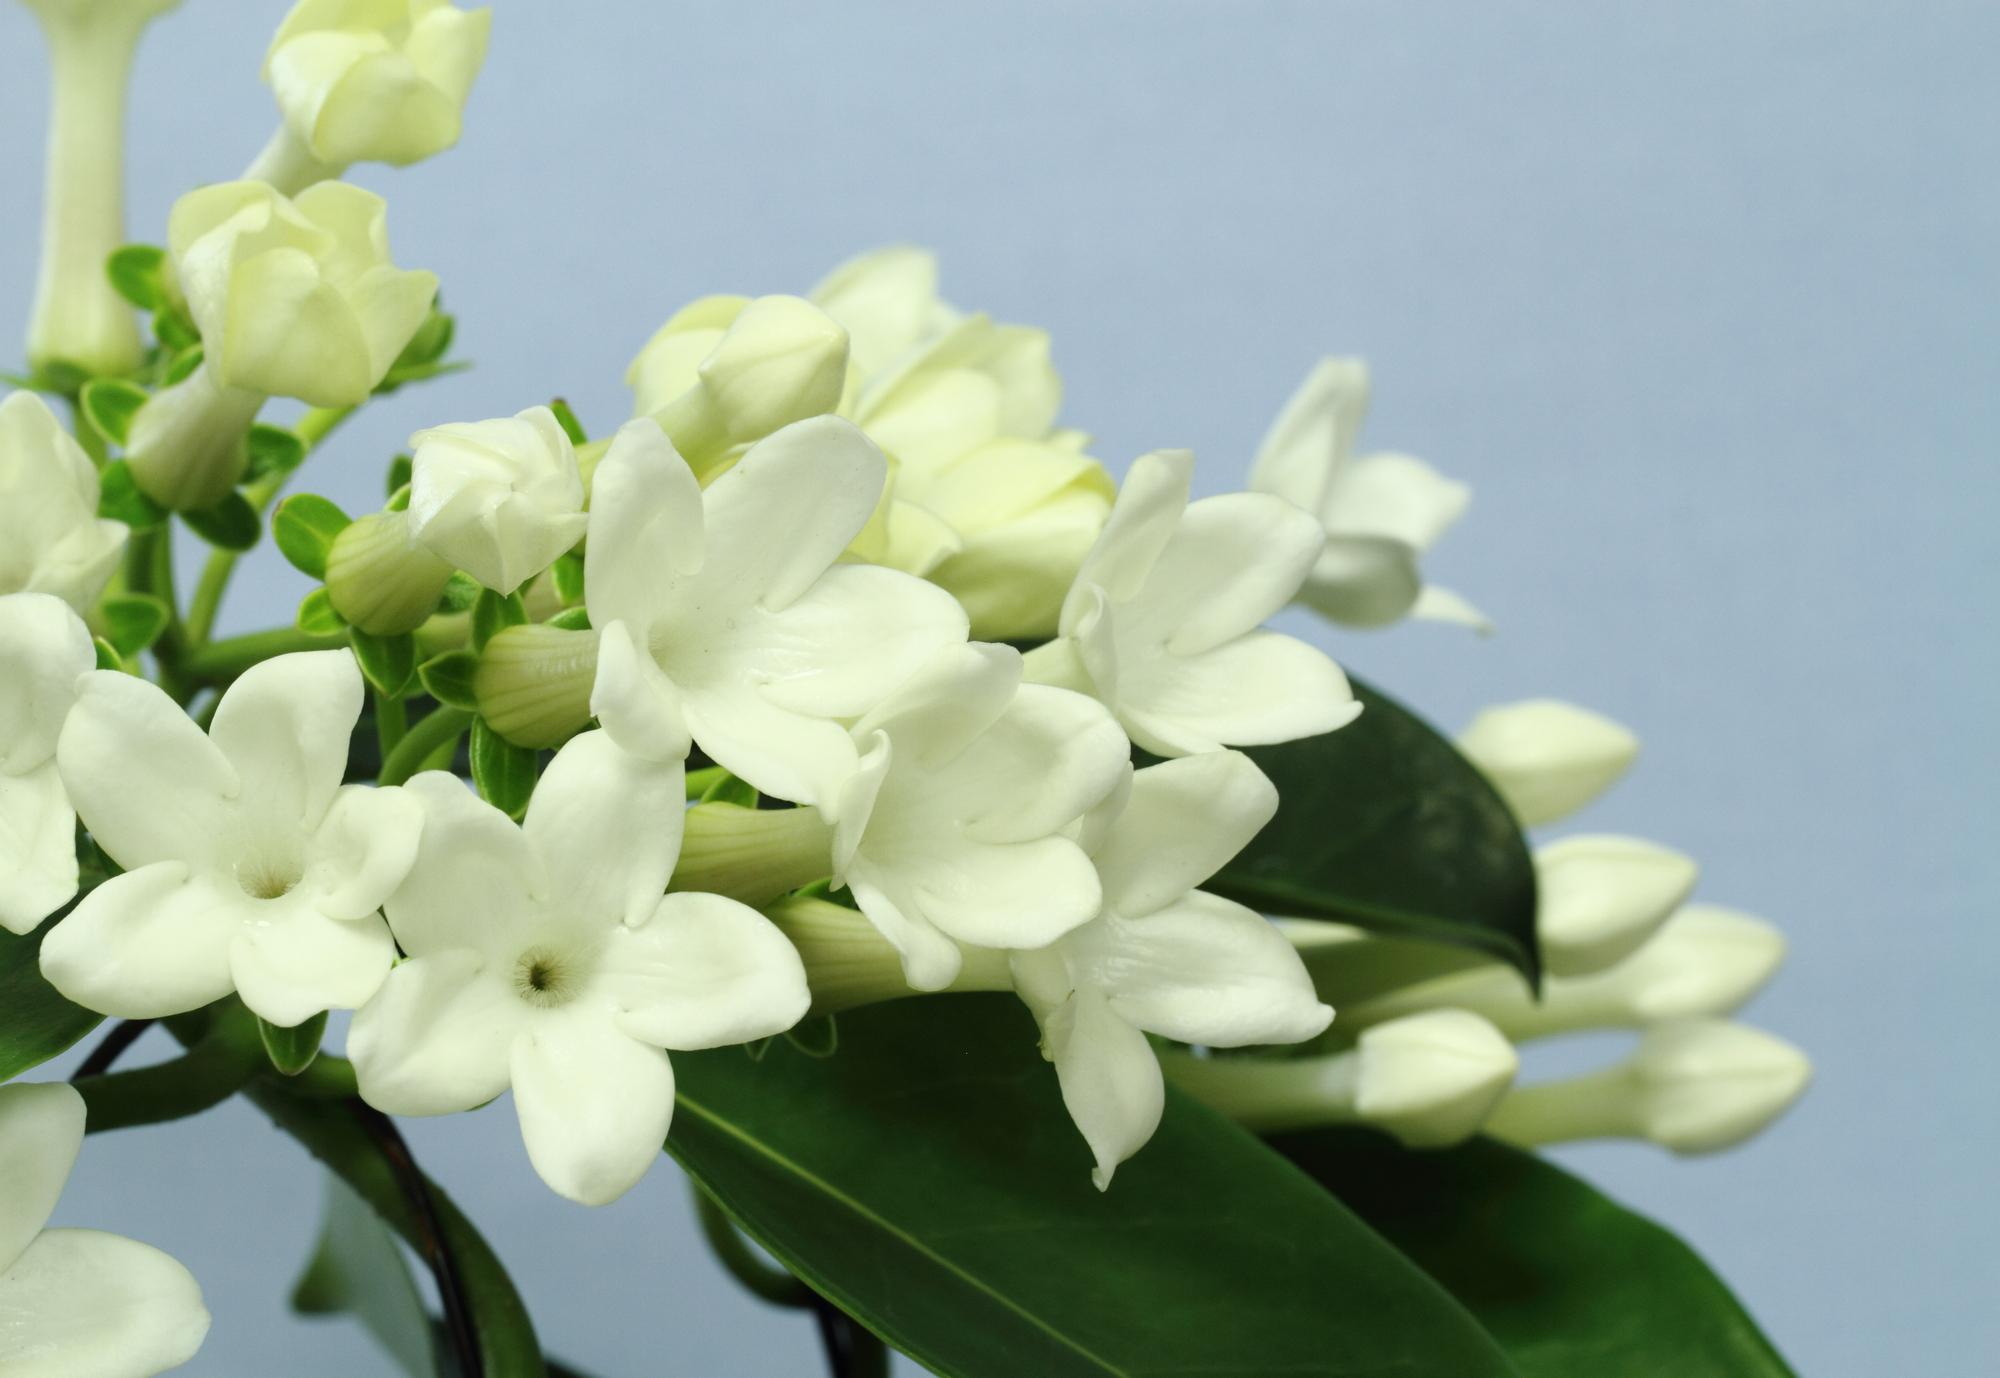 芳醇な香りを持ち、純白の花を咲かせるお花。マダガスカル原産で花の香がジャスミンに似ているため、この名がついたと言われています。